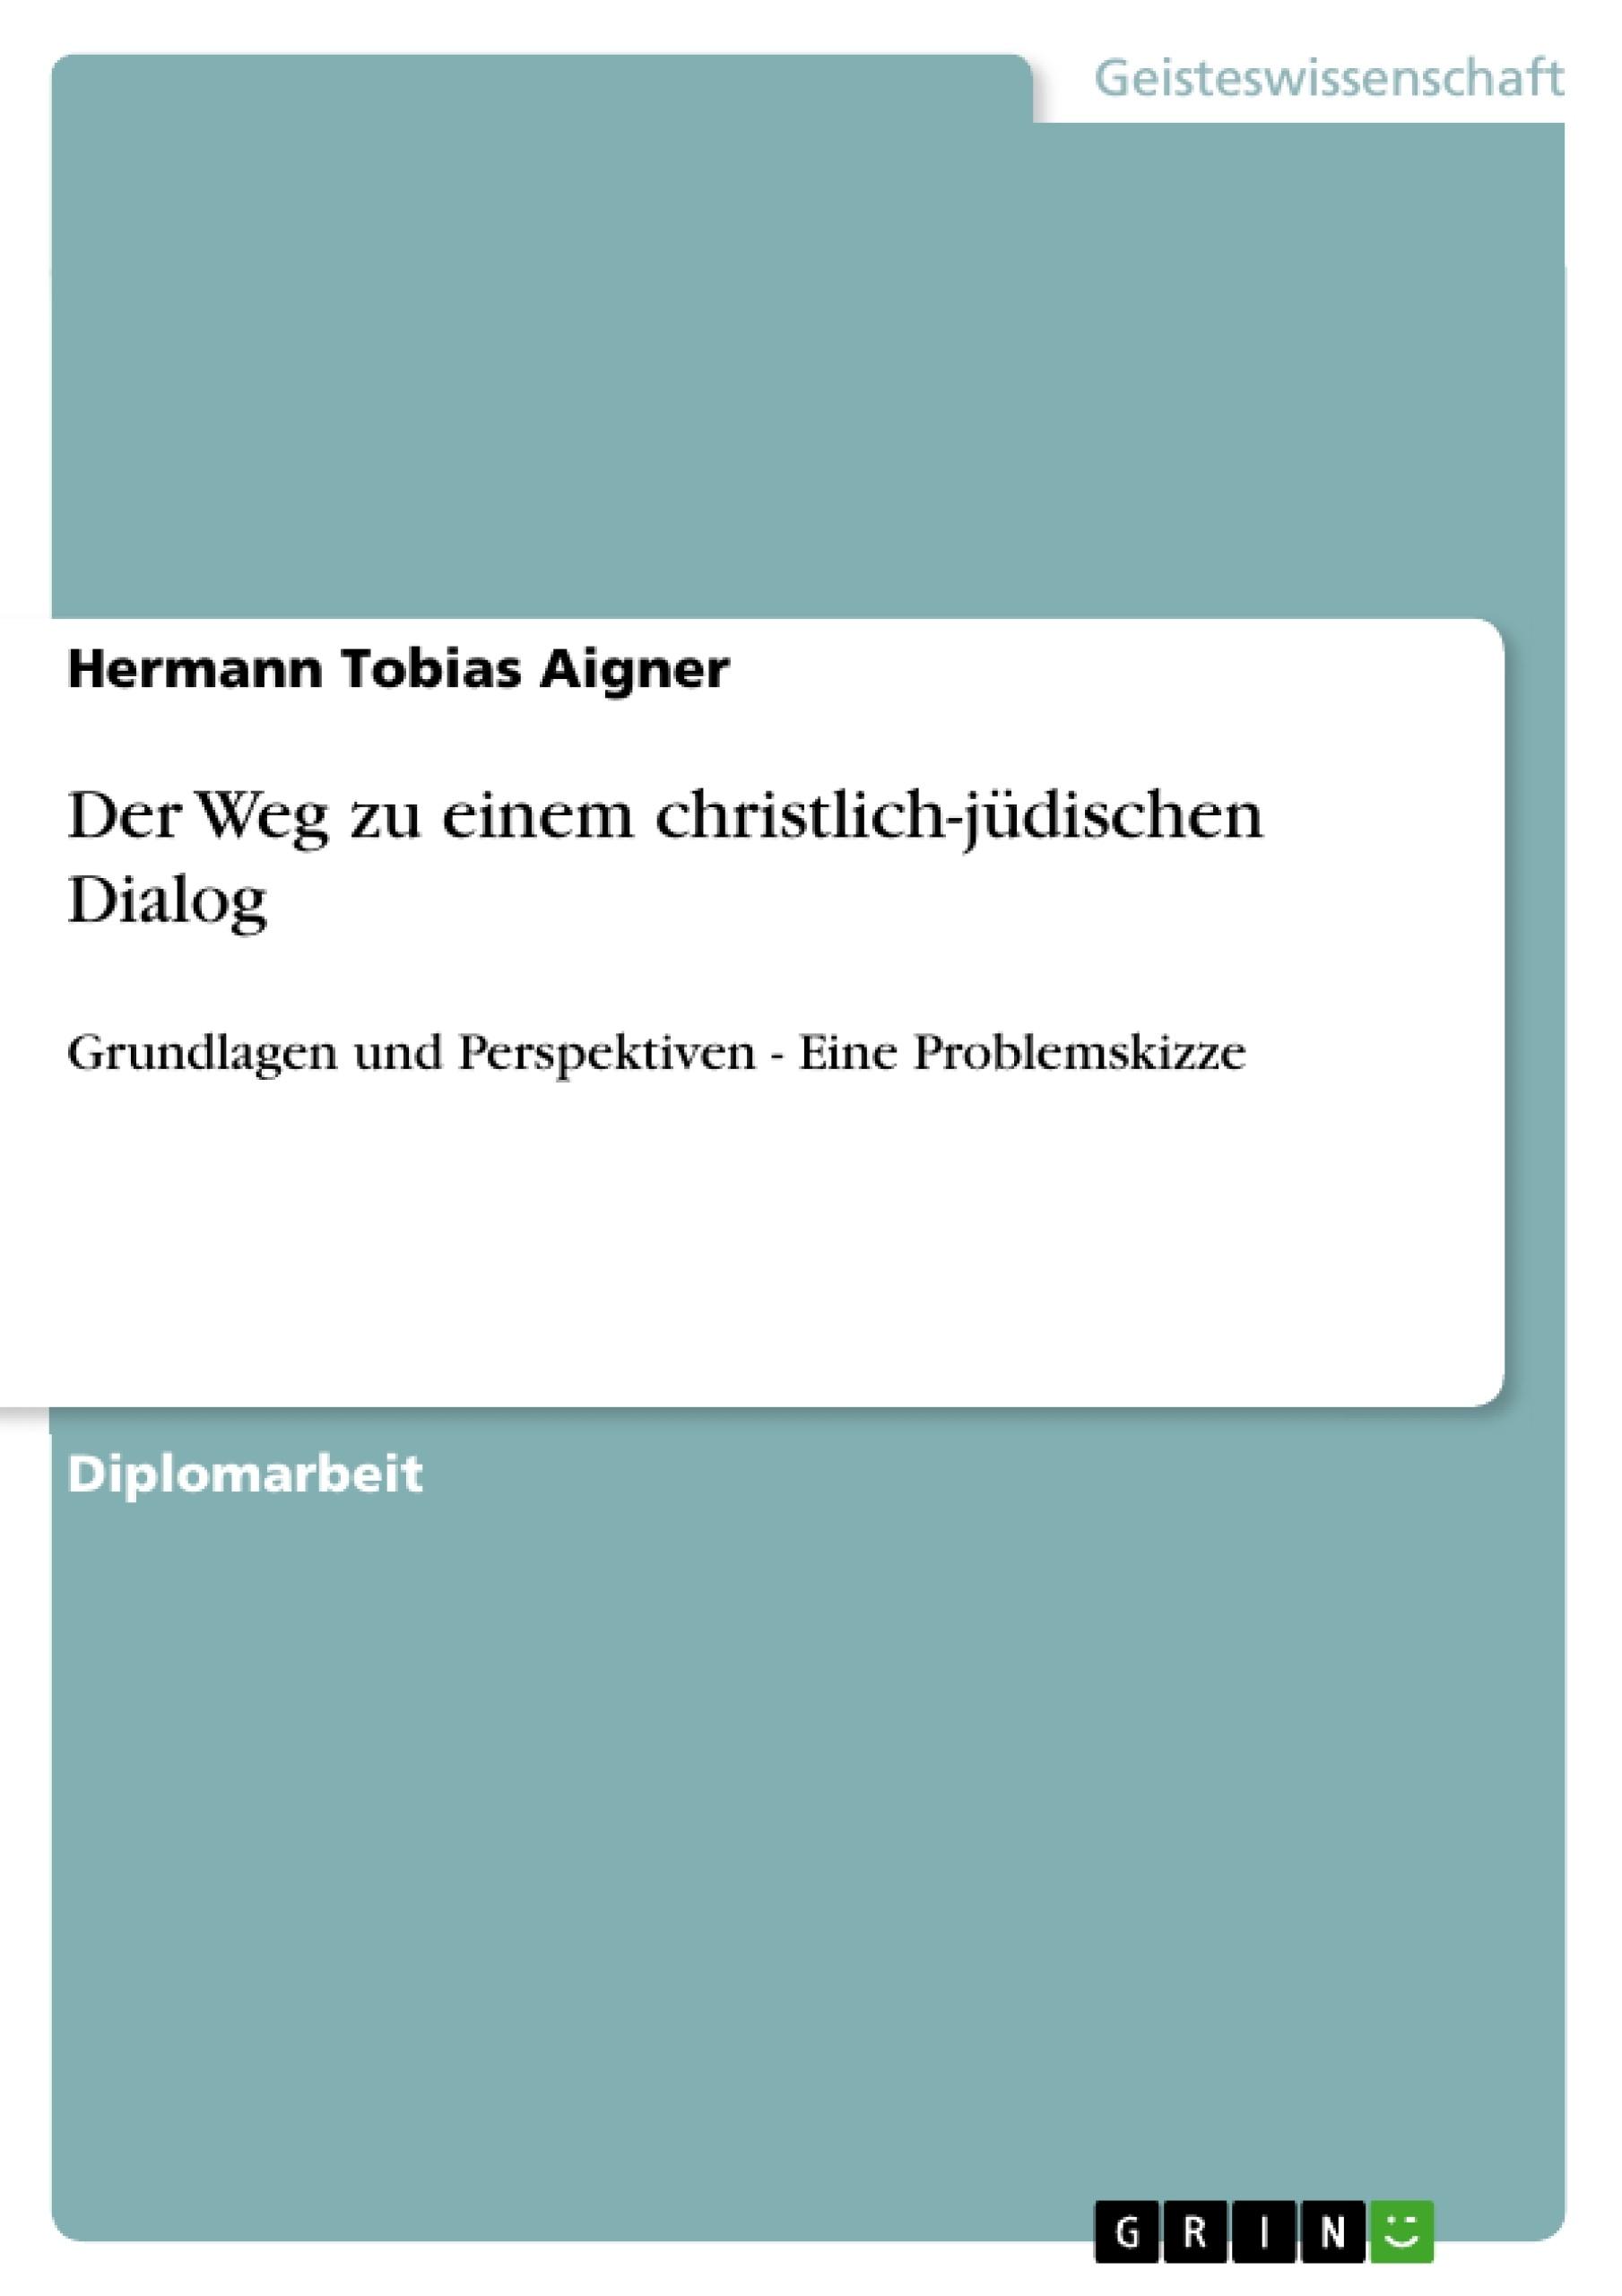 Titel: Der Weg zu einem christlich-jüdischen Dialog